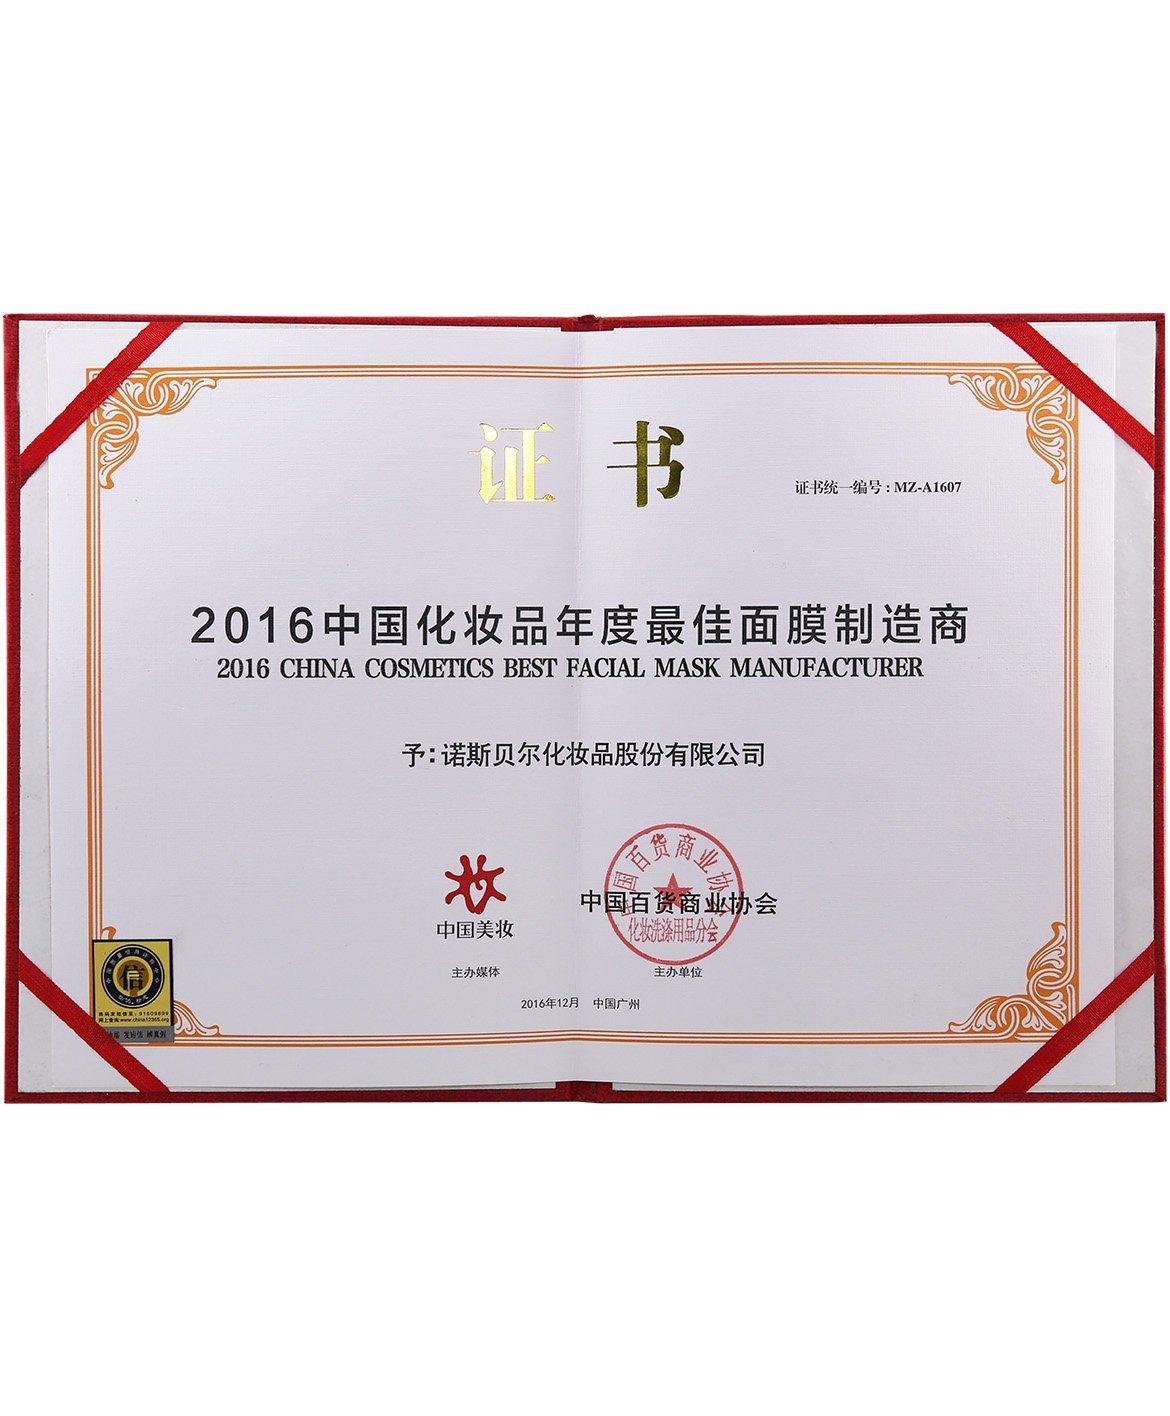 2016中国化妆品年度最佳面膜制造商证书(1)